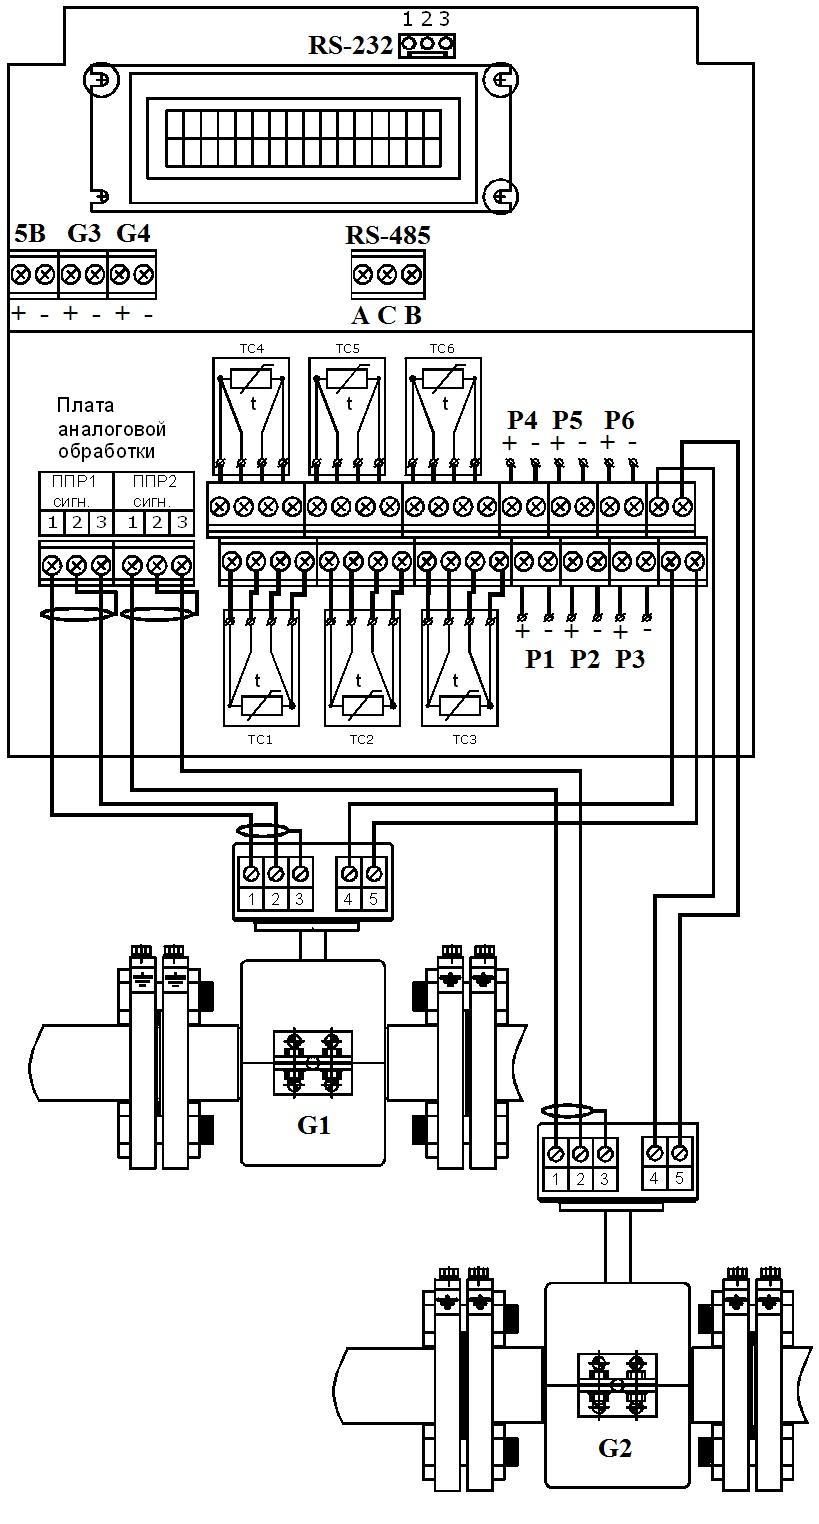 теплосчетчик тэм-106 схема подключения